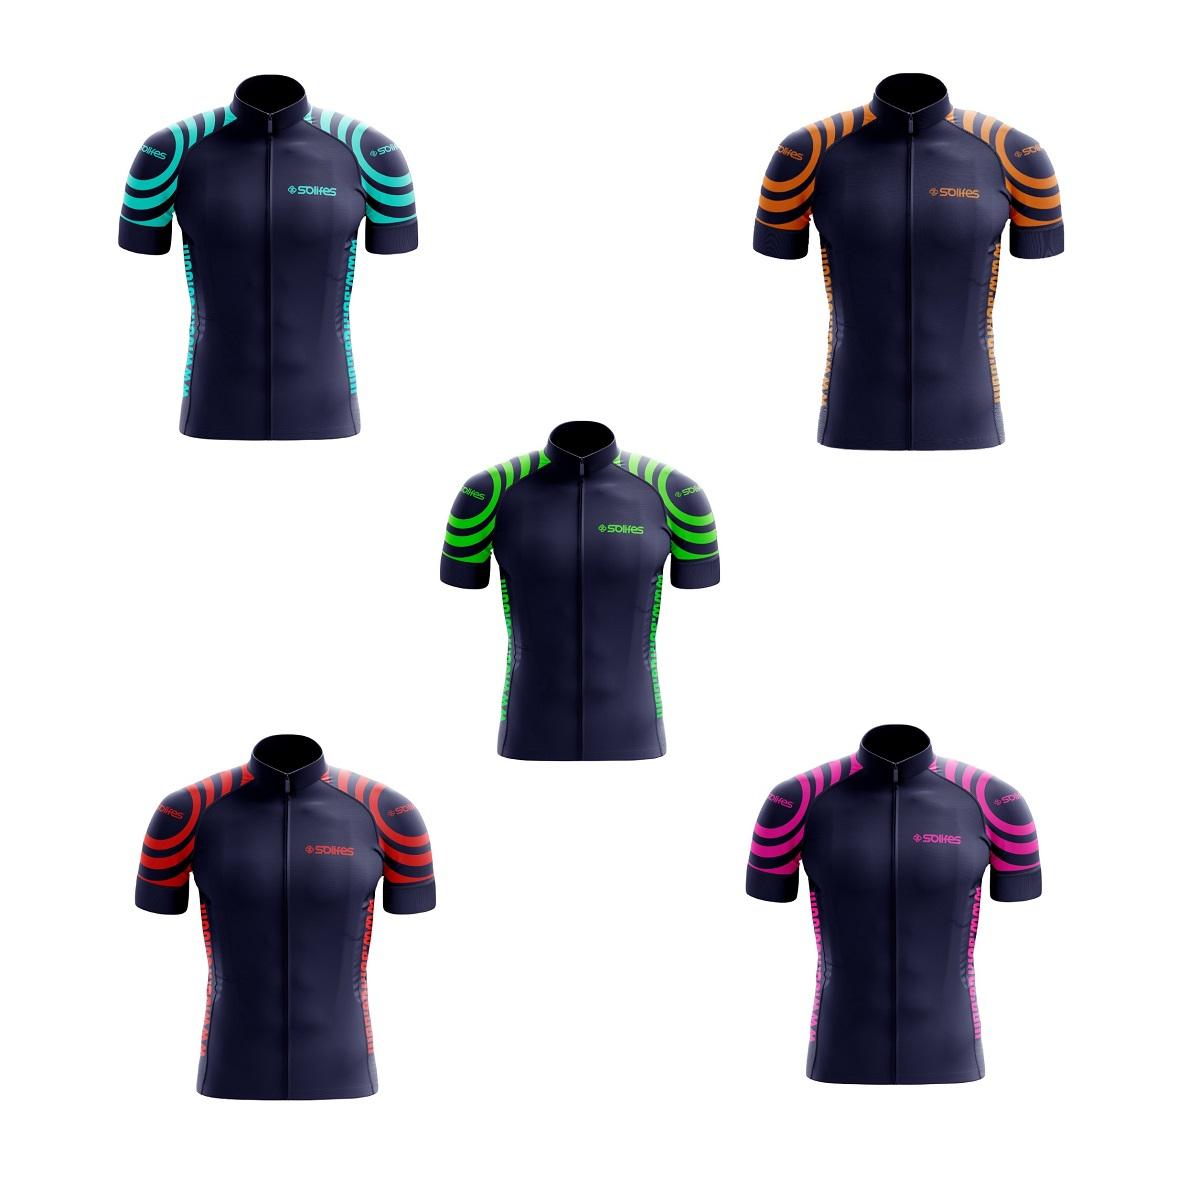 Camisa Ciclismo Unissex Solifes com Proteção UV50+